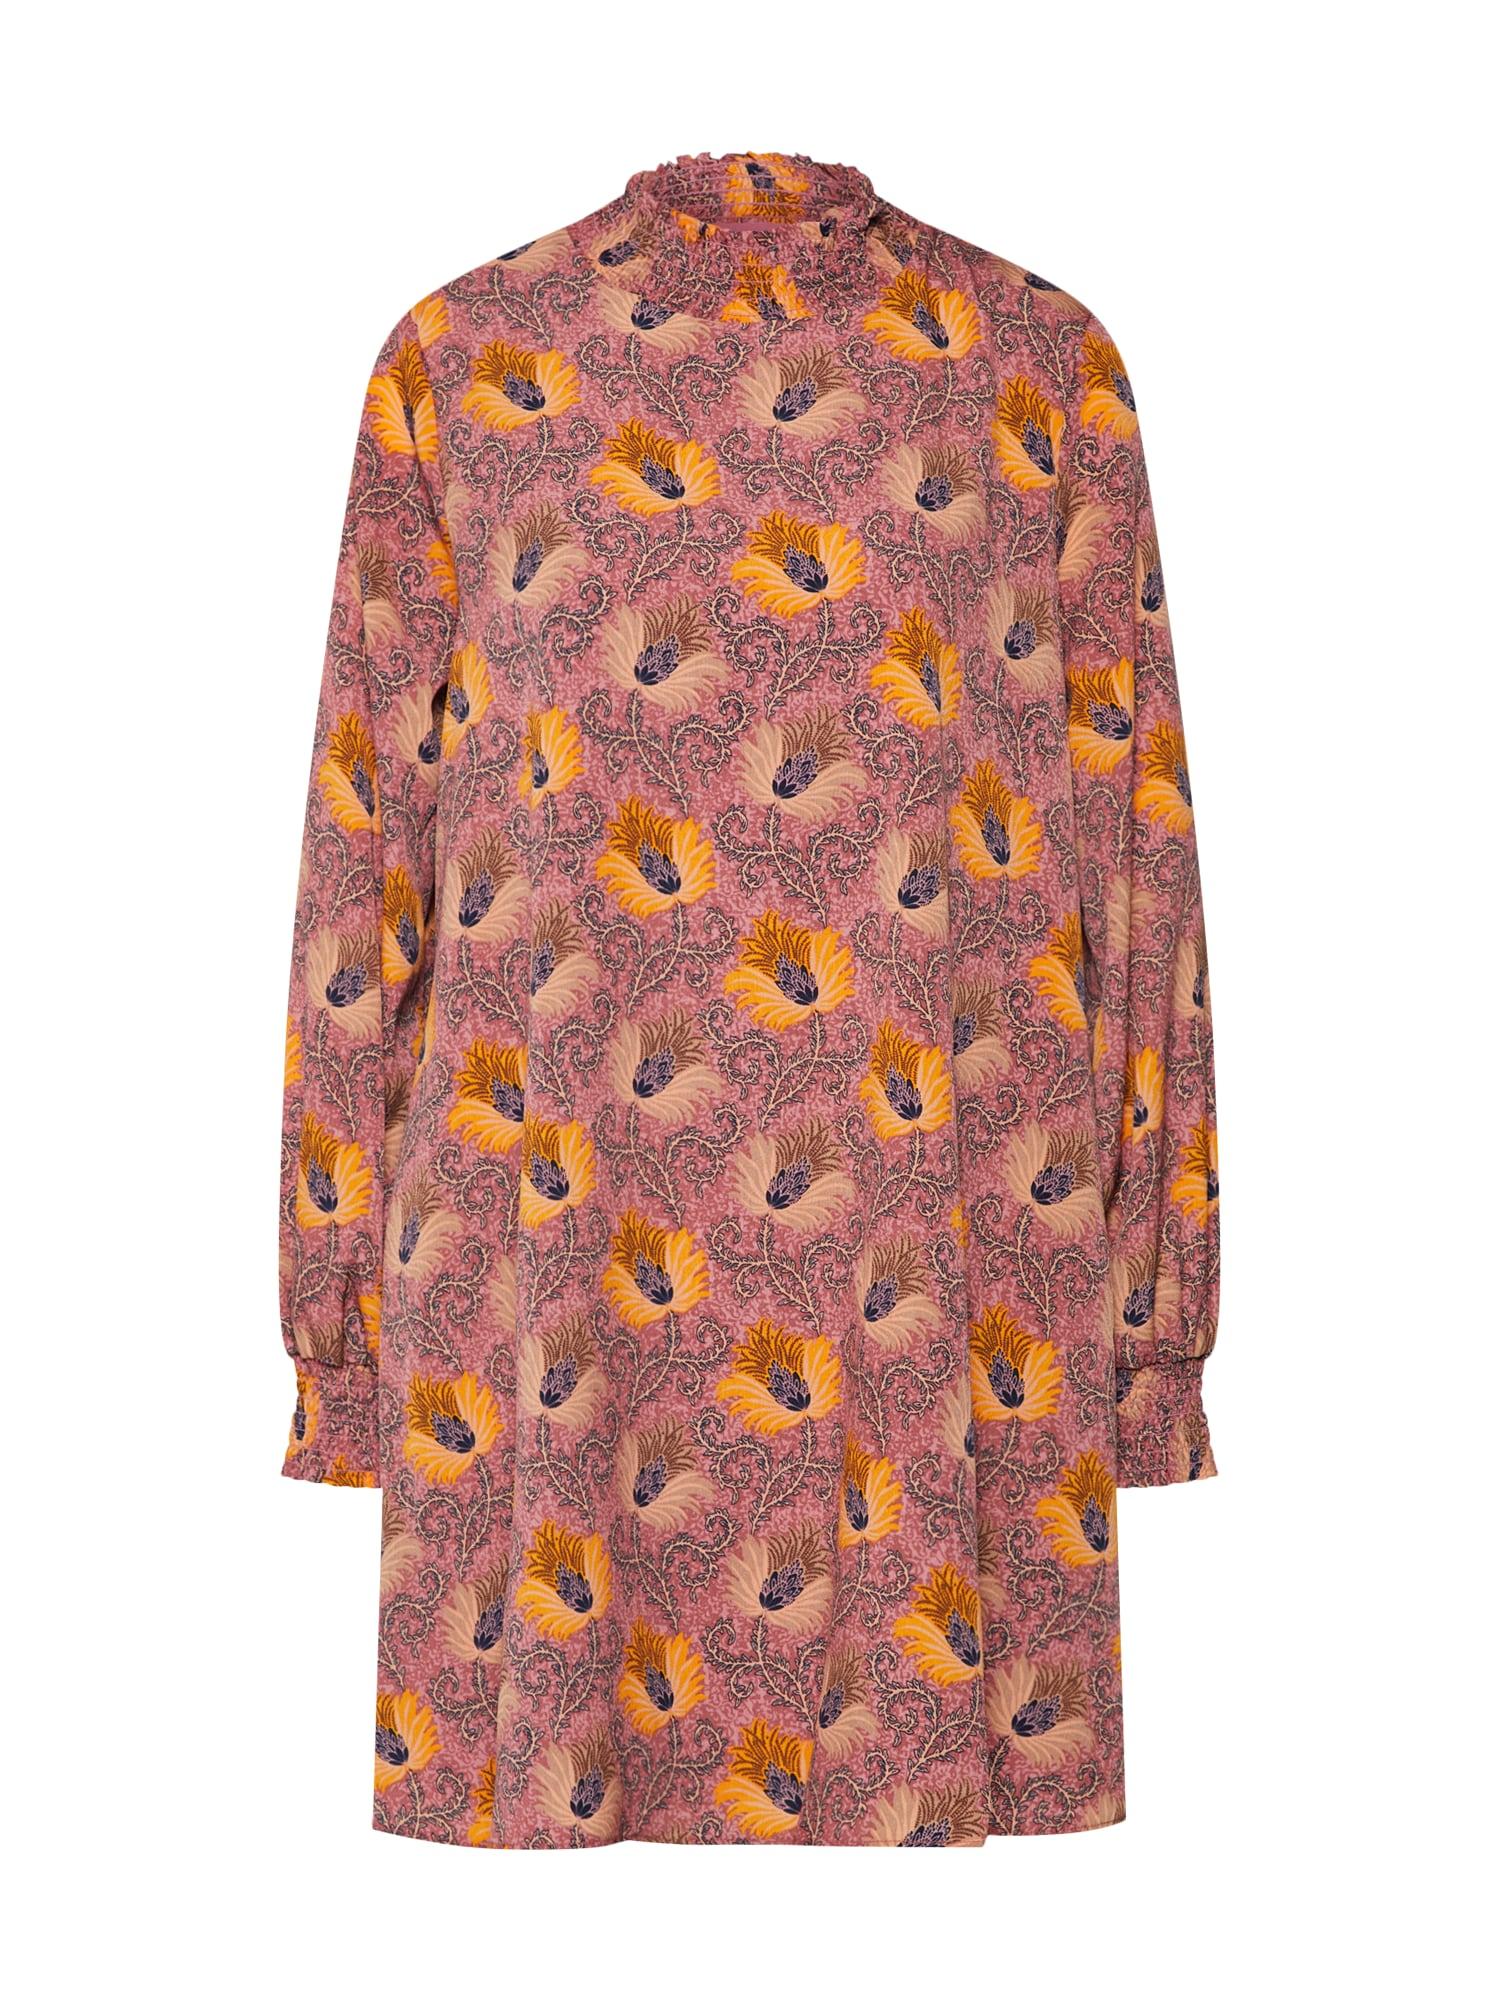 Šaty HP0170 oranžová pink GLAMOROUS